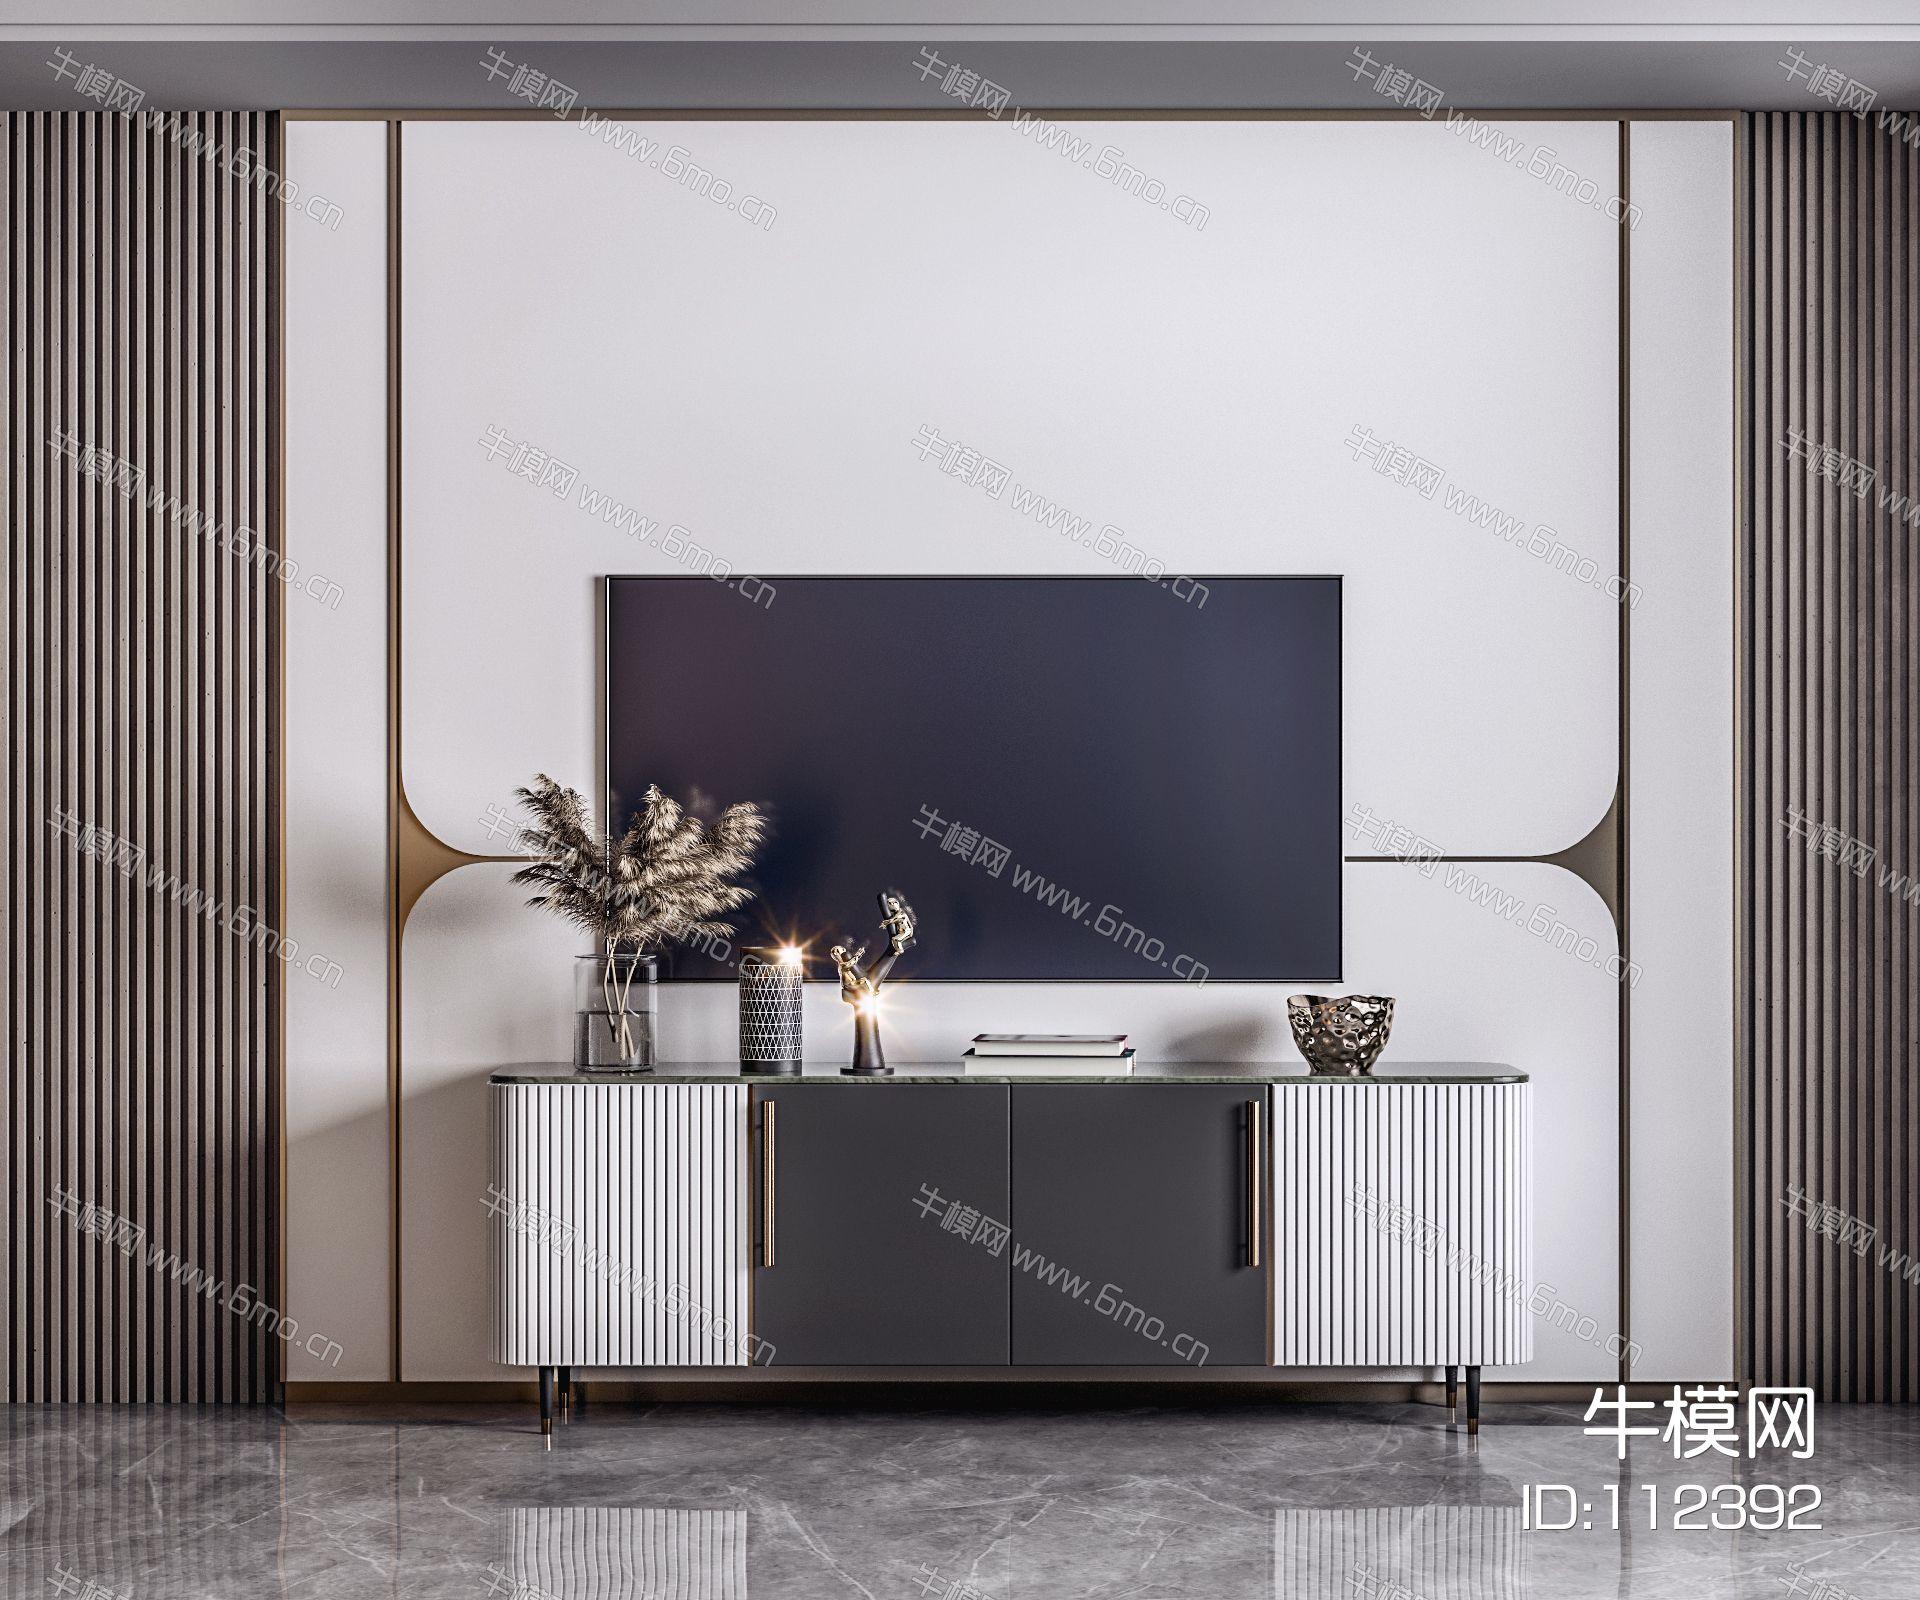 新中式轻奢电视柜电视背景